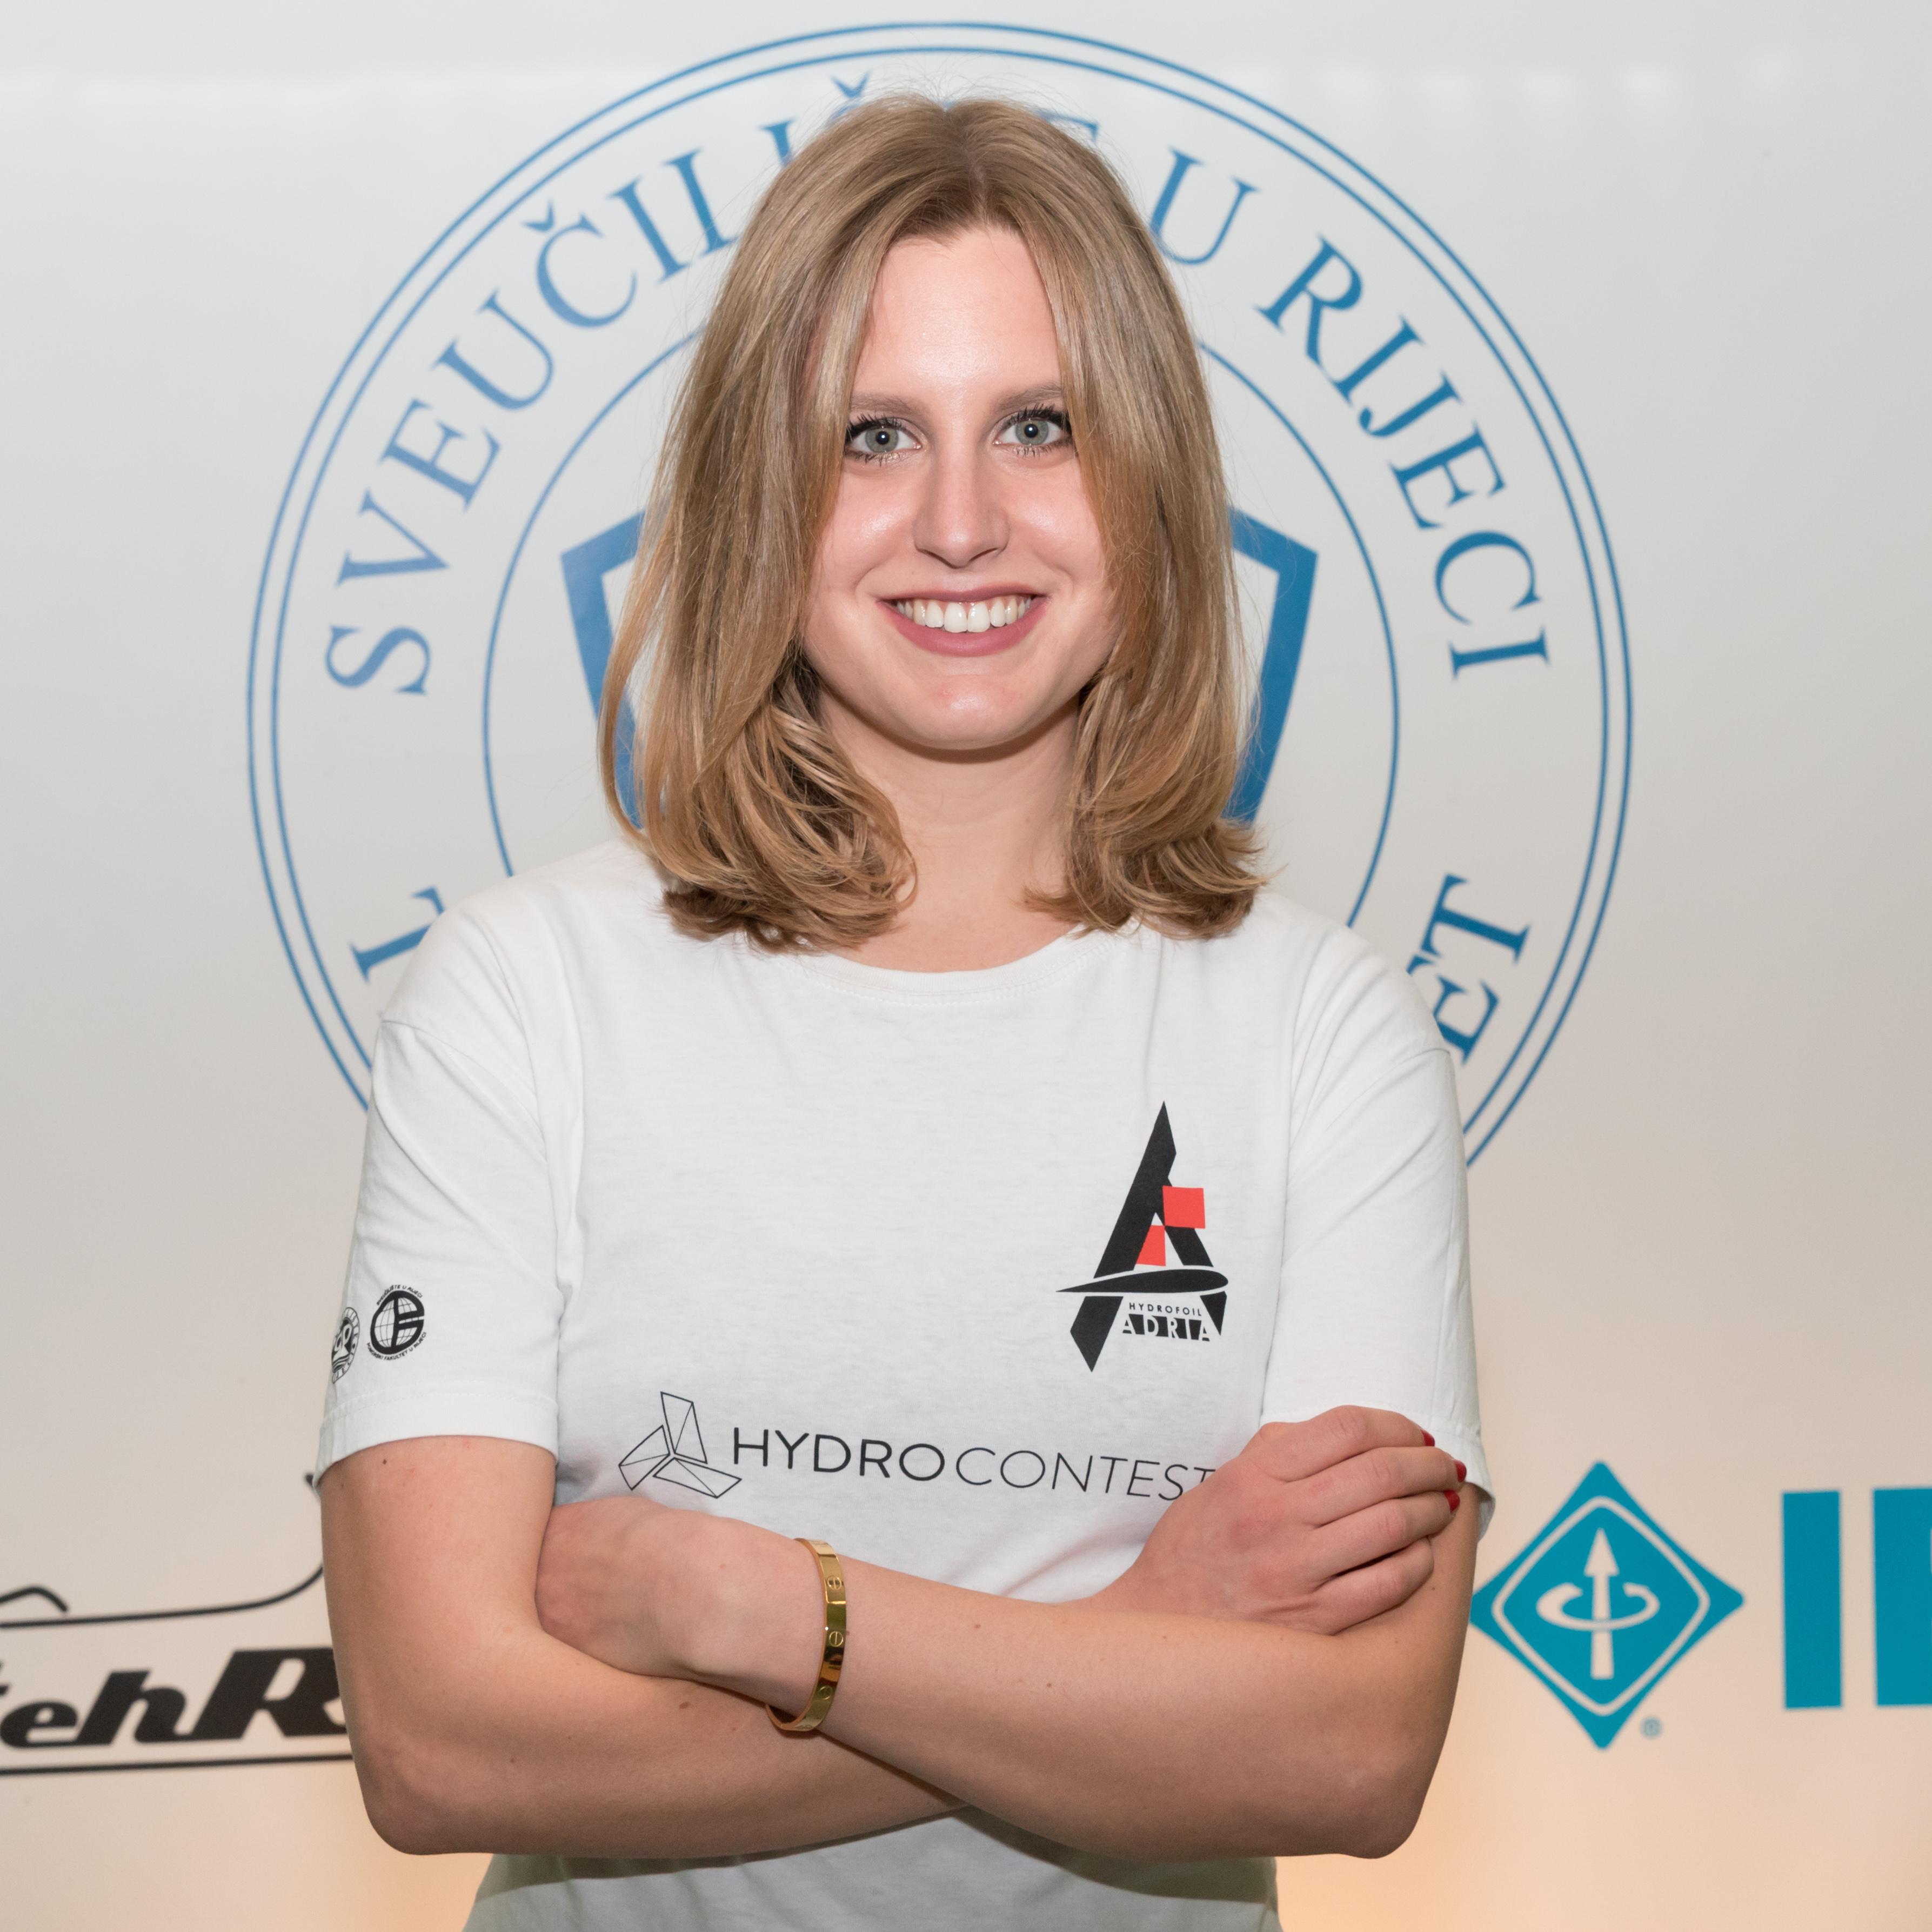 Ana Rendić